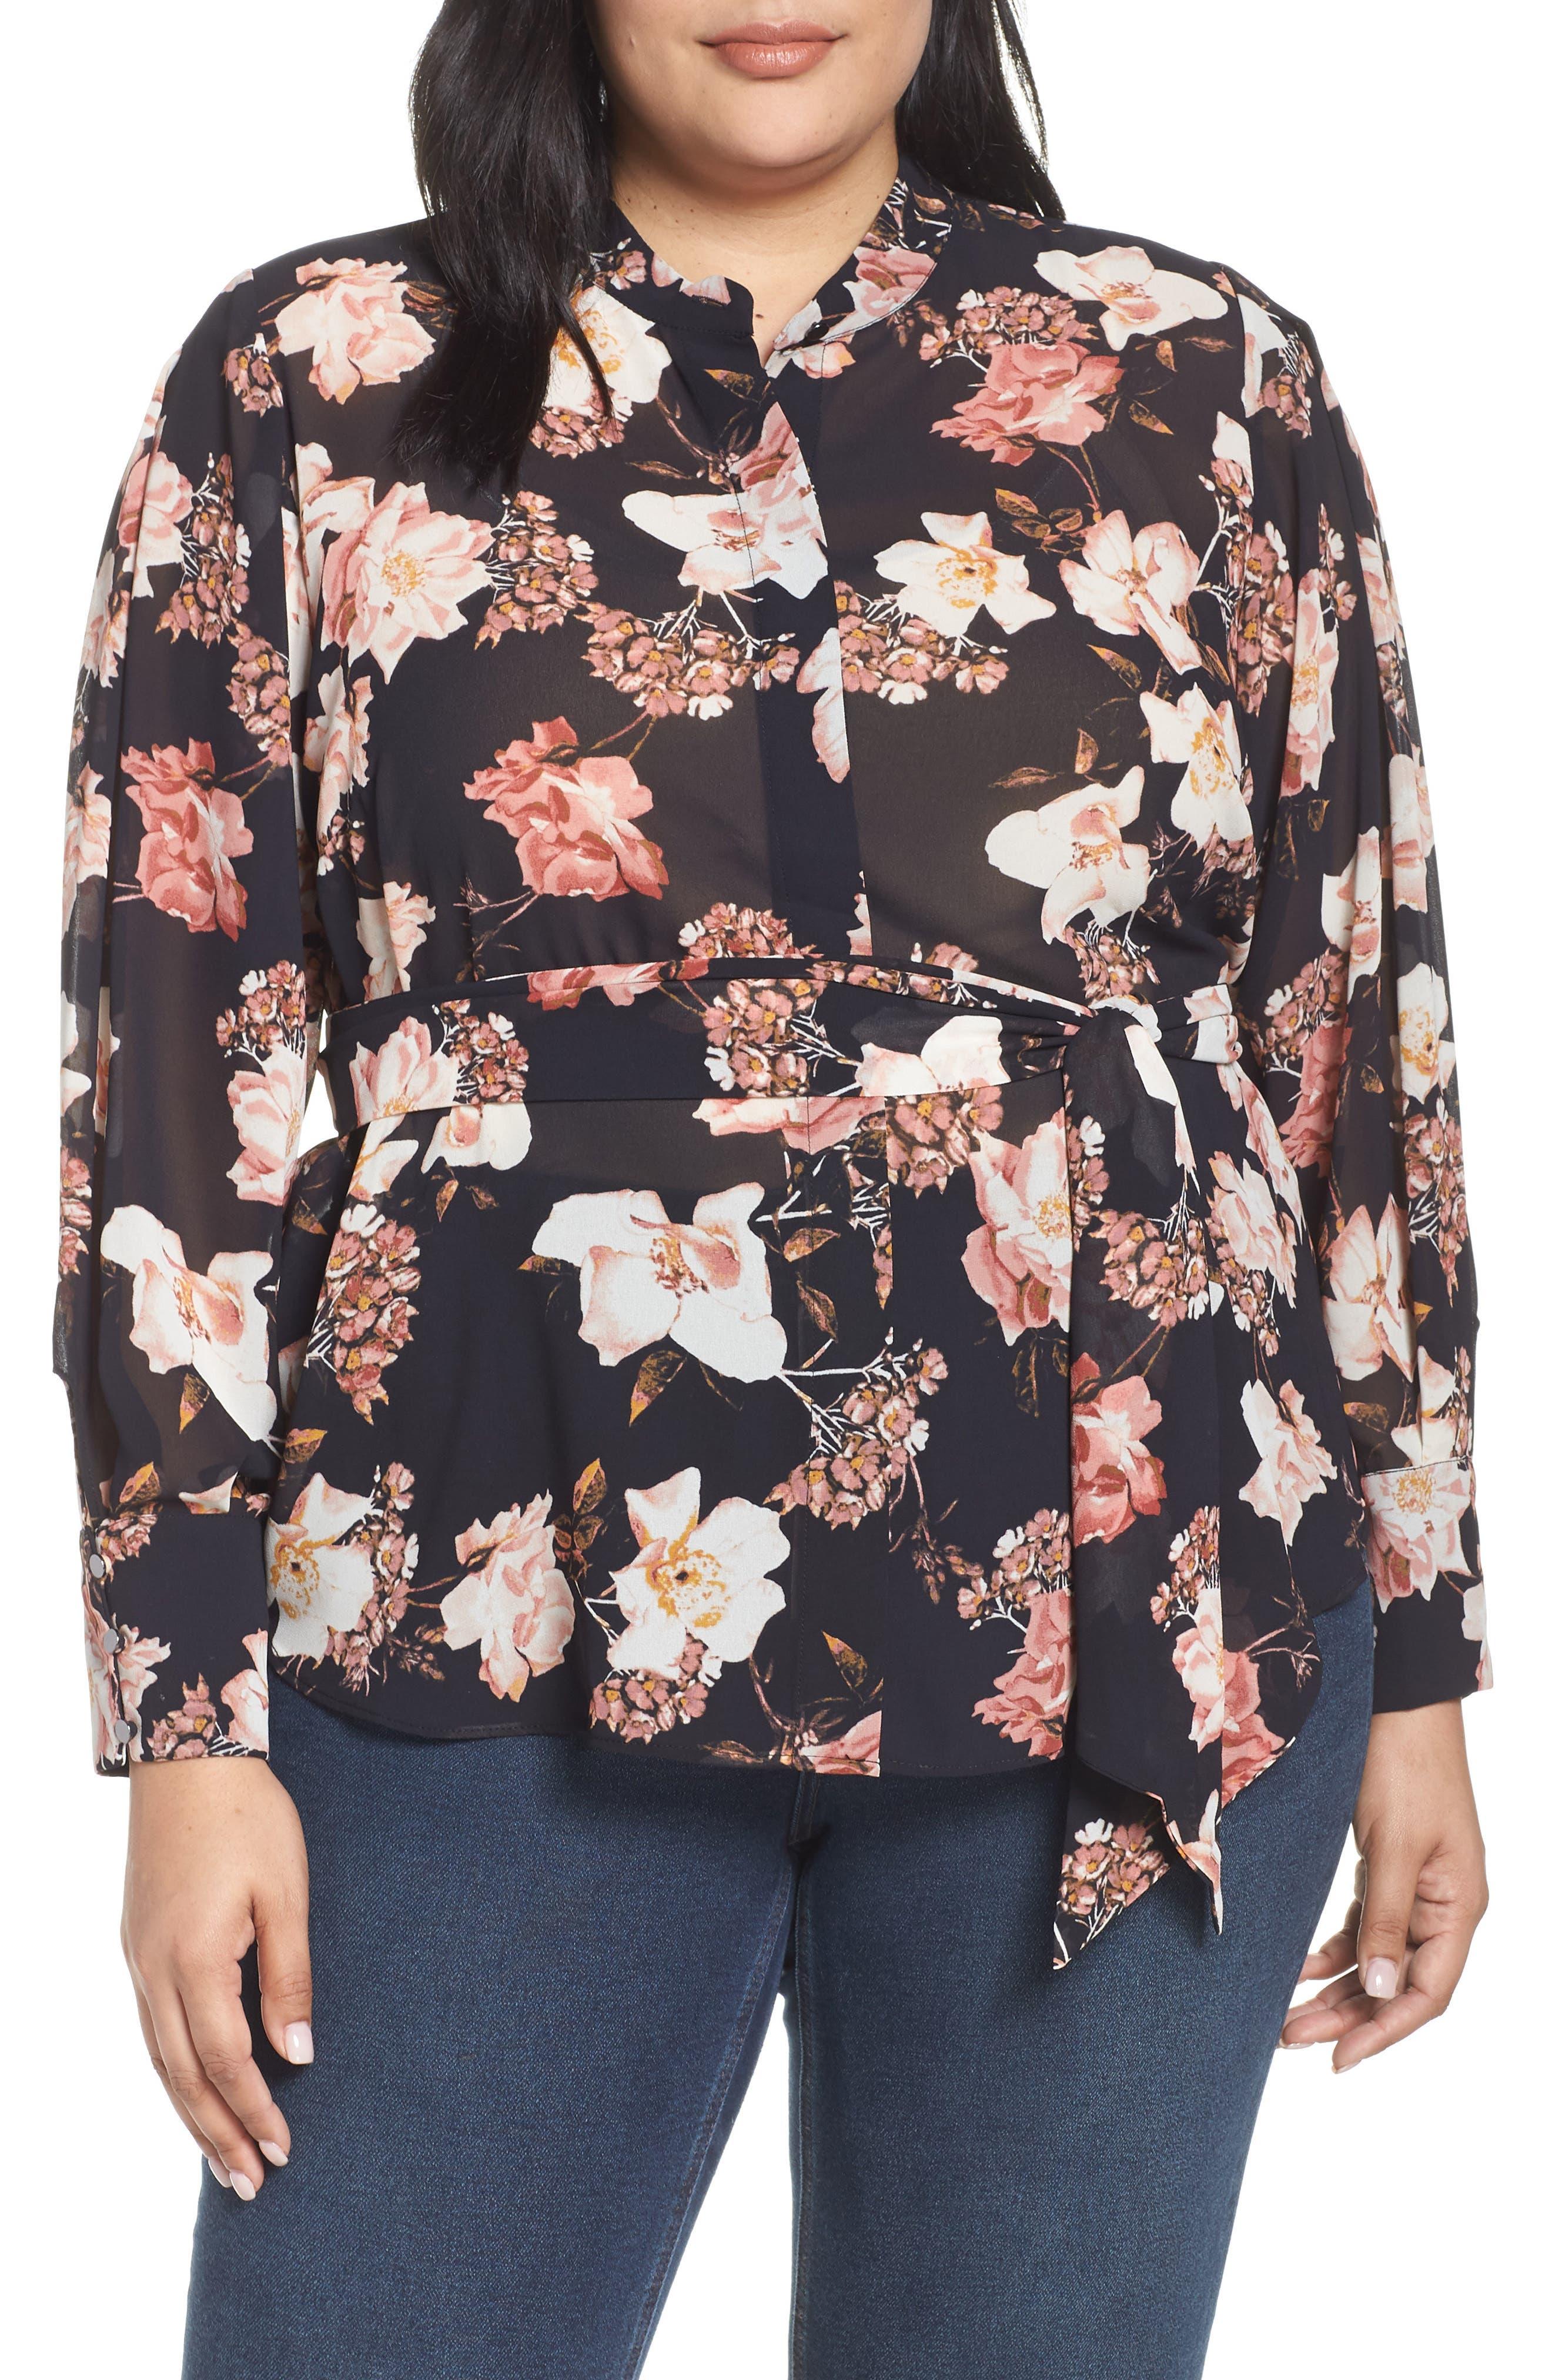 RACHEL ROY COLLECTION Floral Tie Blouse, Main, color, BLACK COMBO